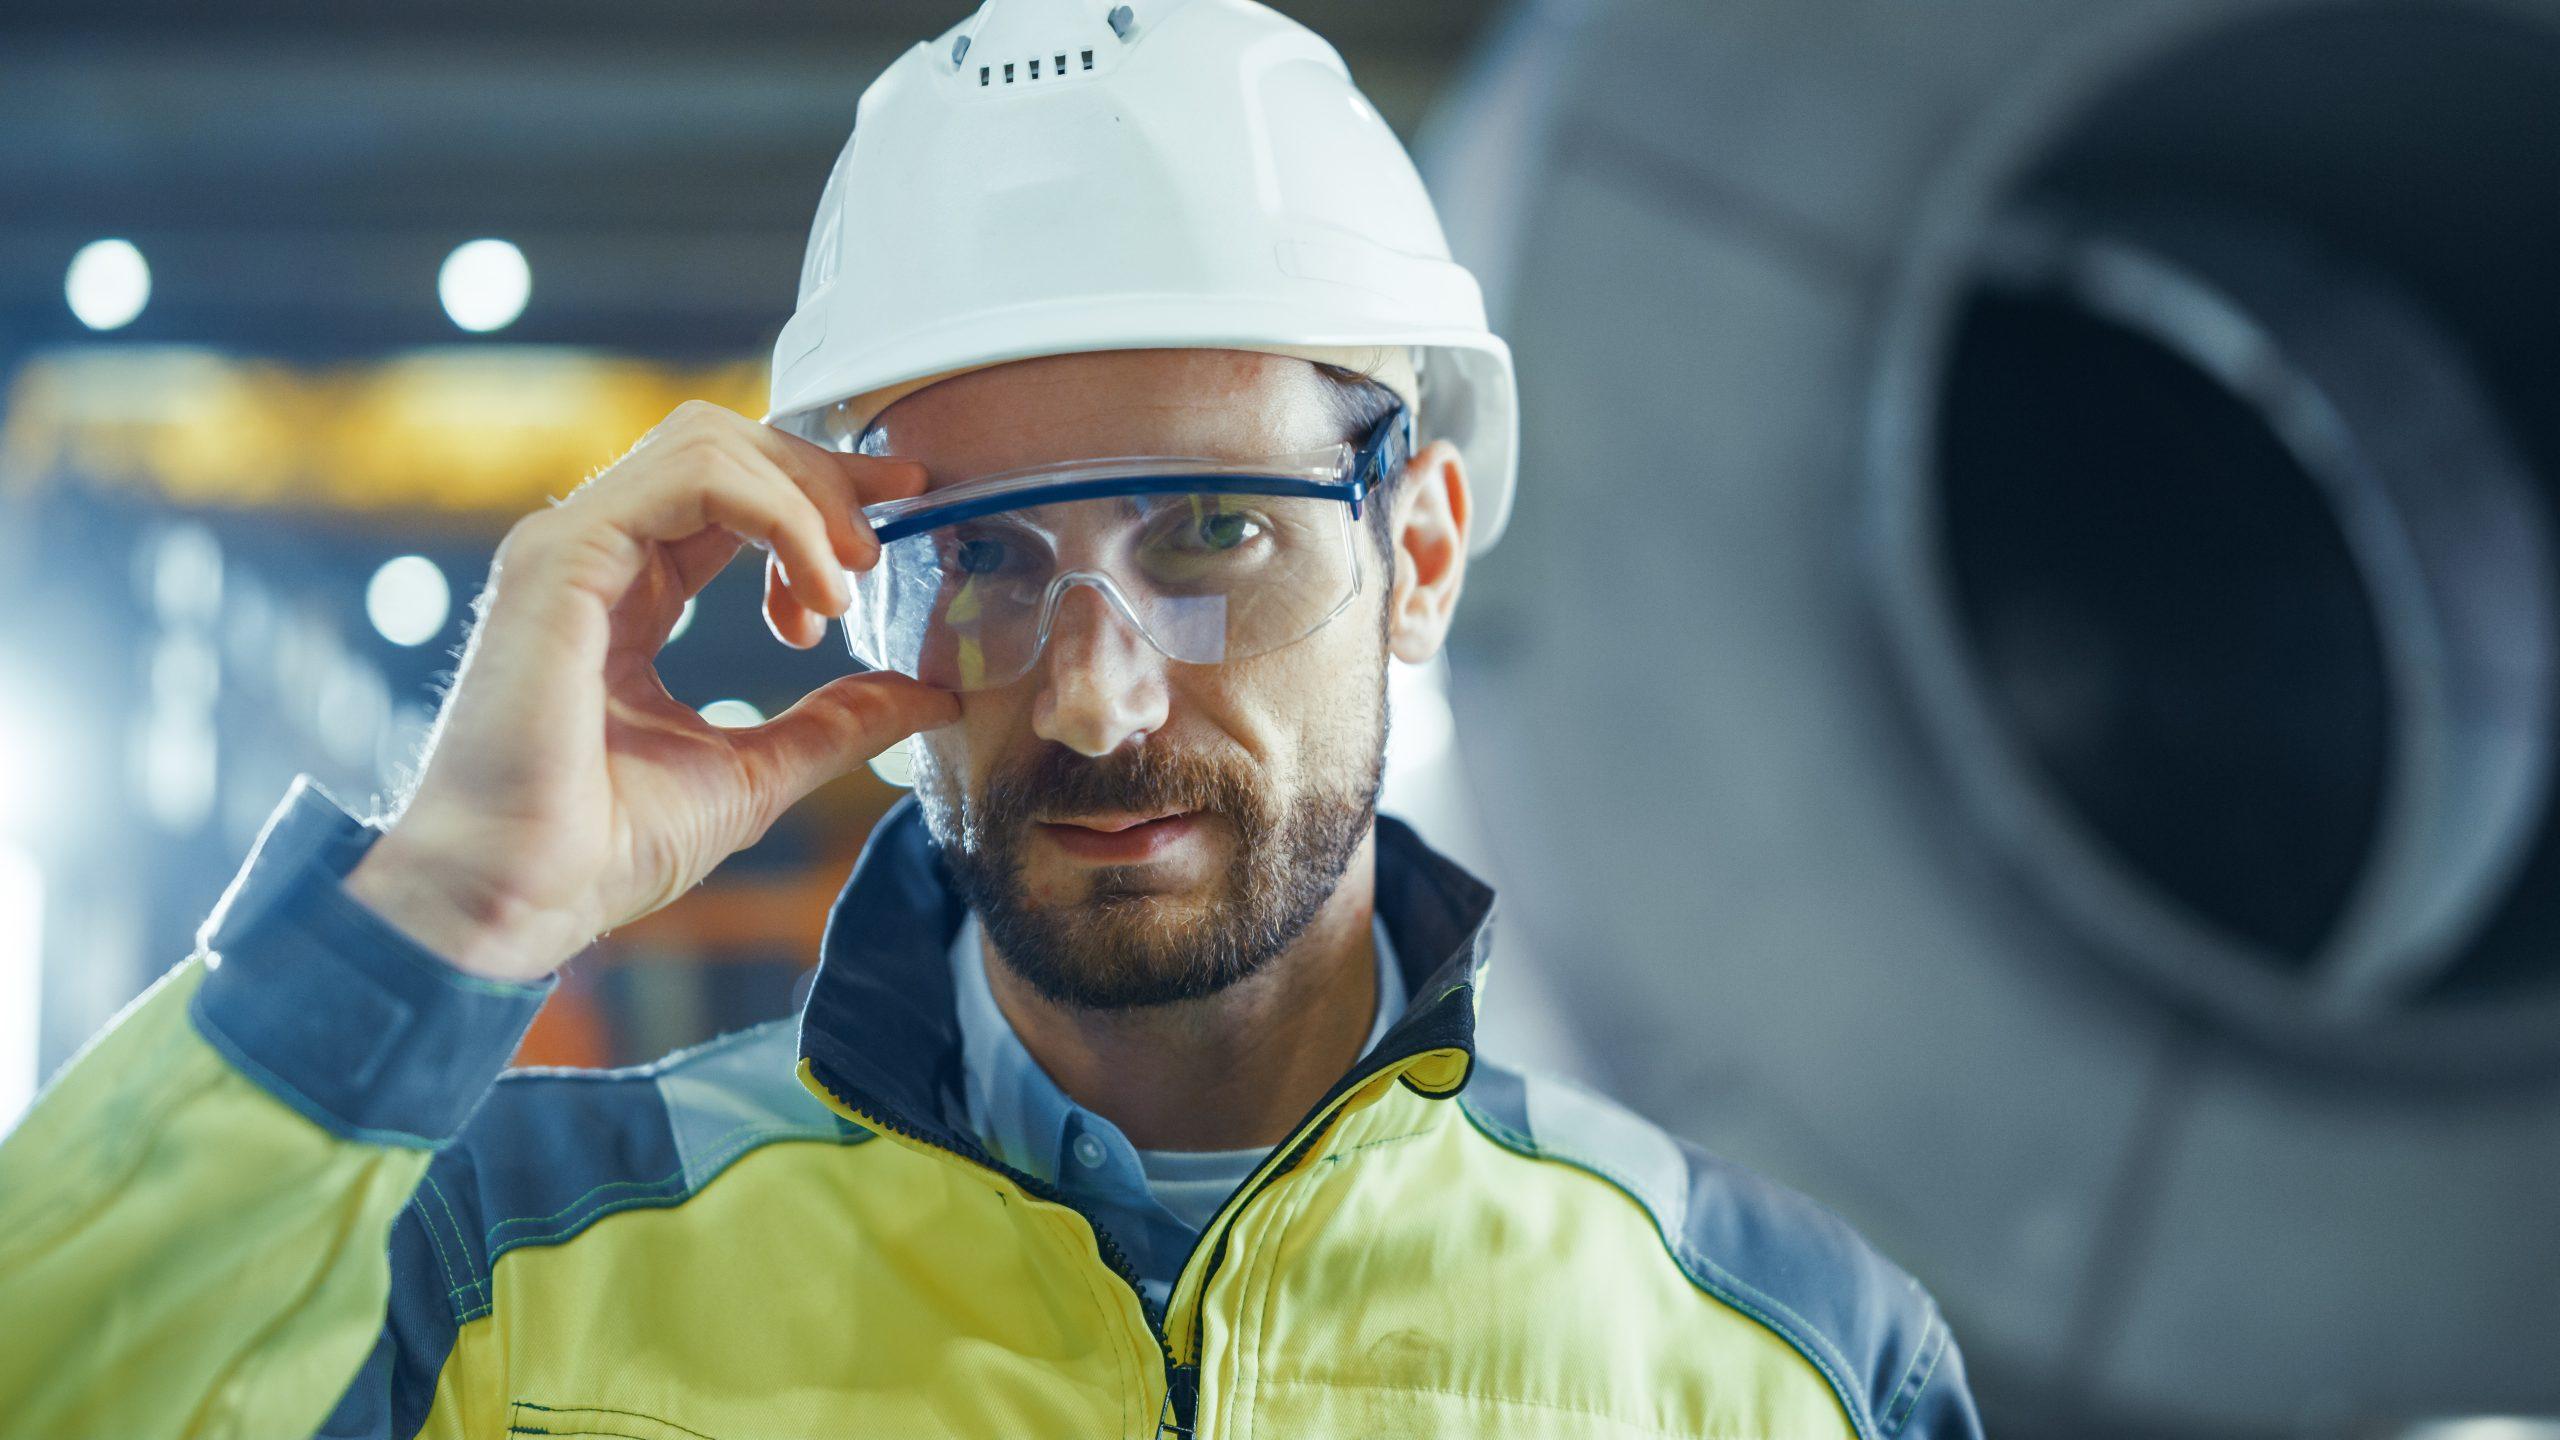 Portrait eines professionellen Ingenieur in der Industrie, der eine Schutzbrille und einen Schutzhelm trägt